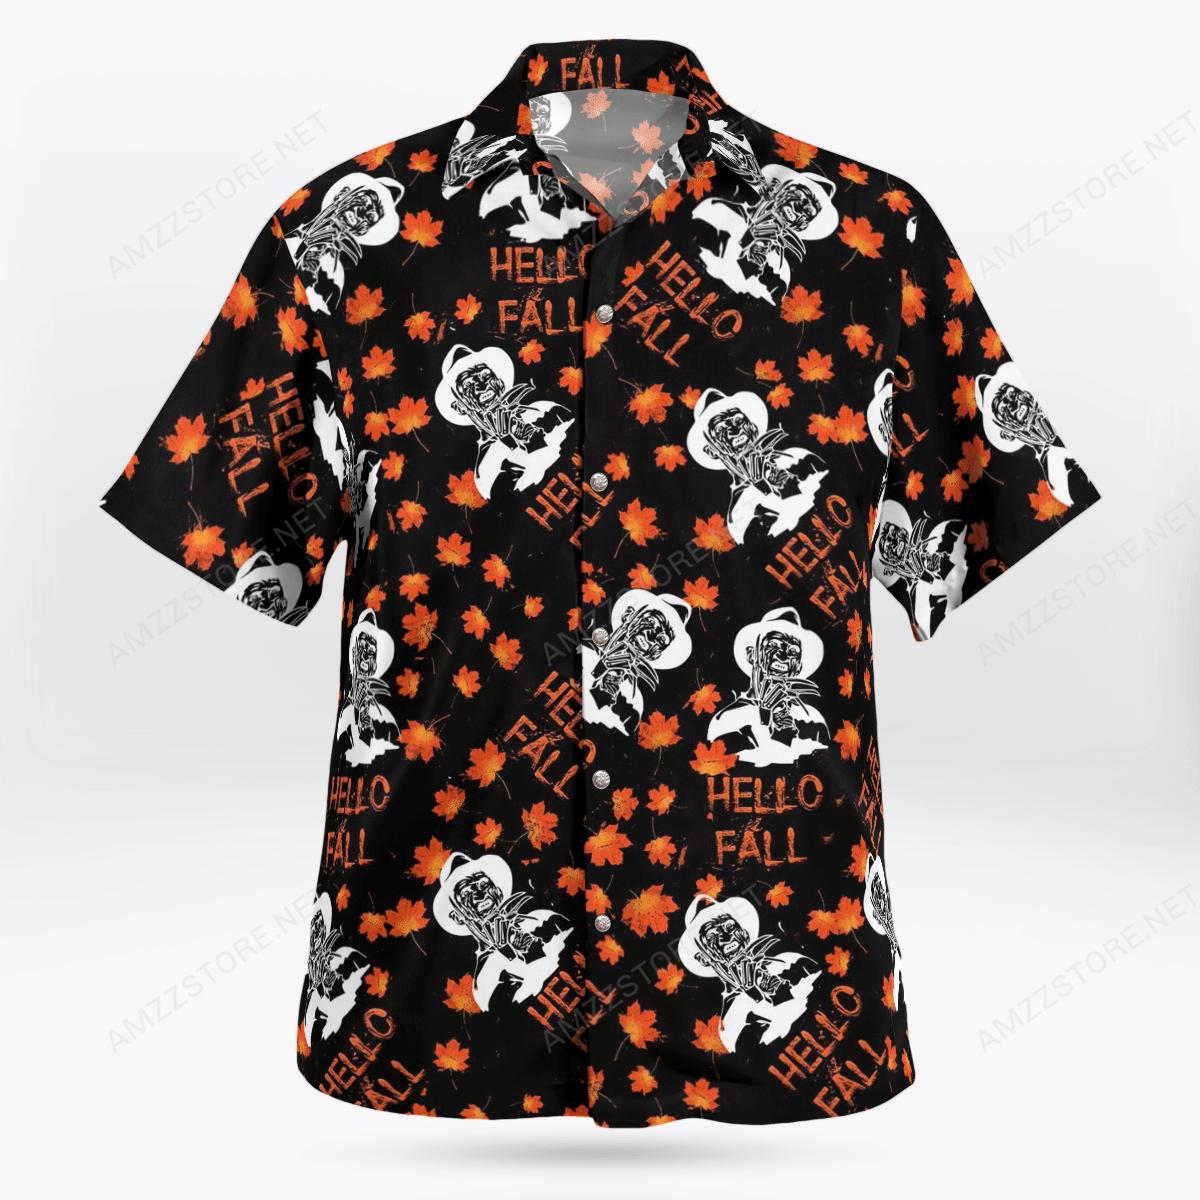 Halloween Freddy Krueger Hello Fall Hawaiian Shirt